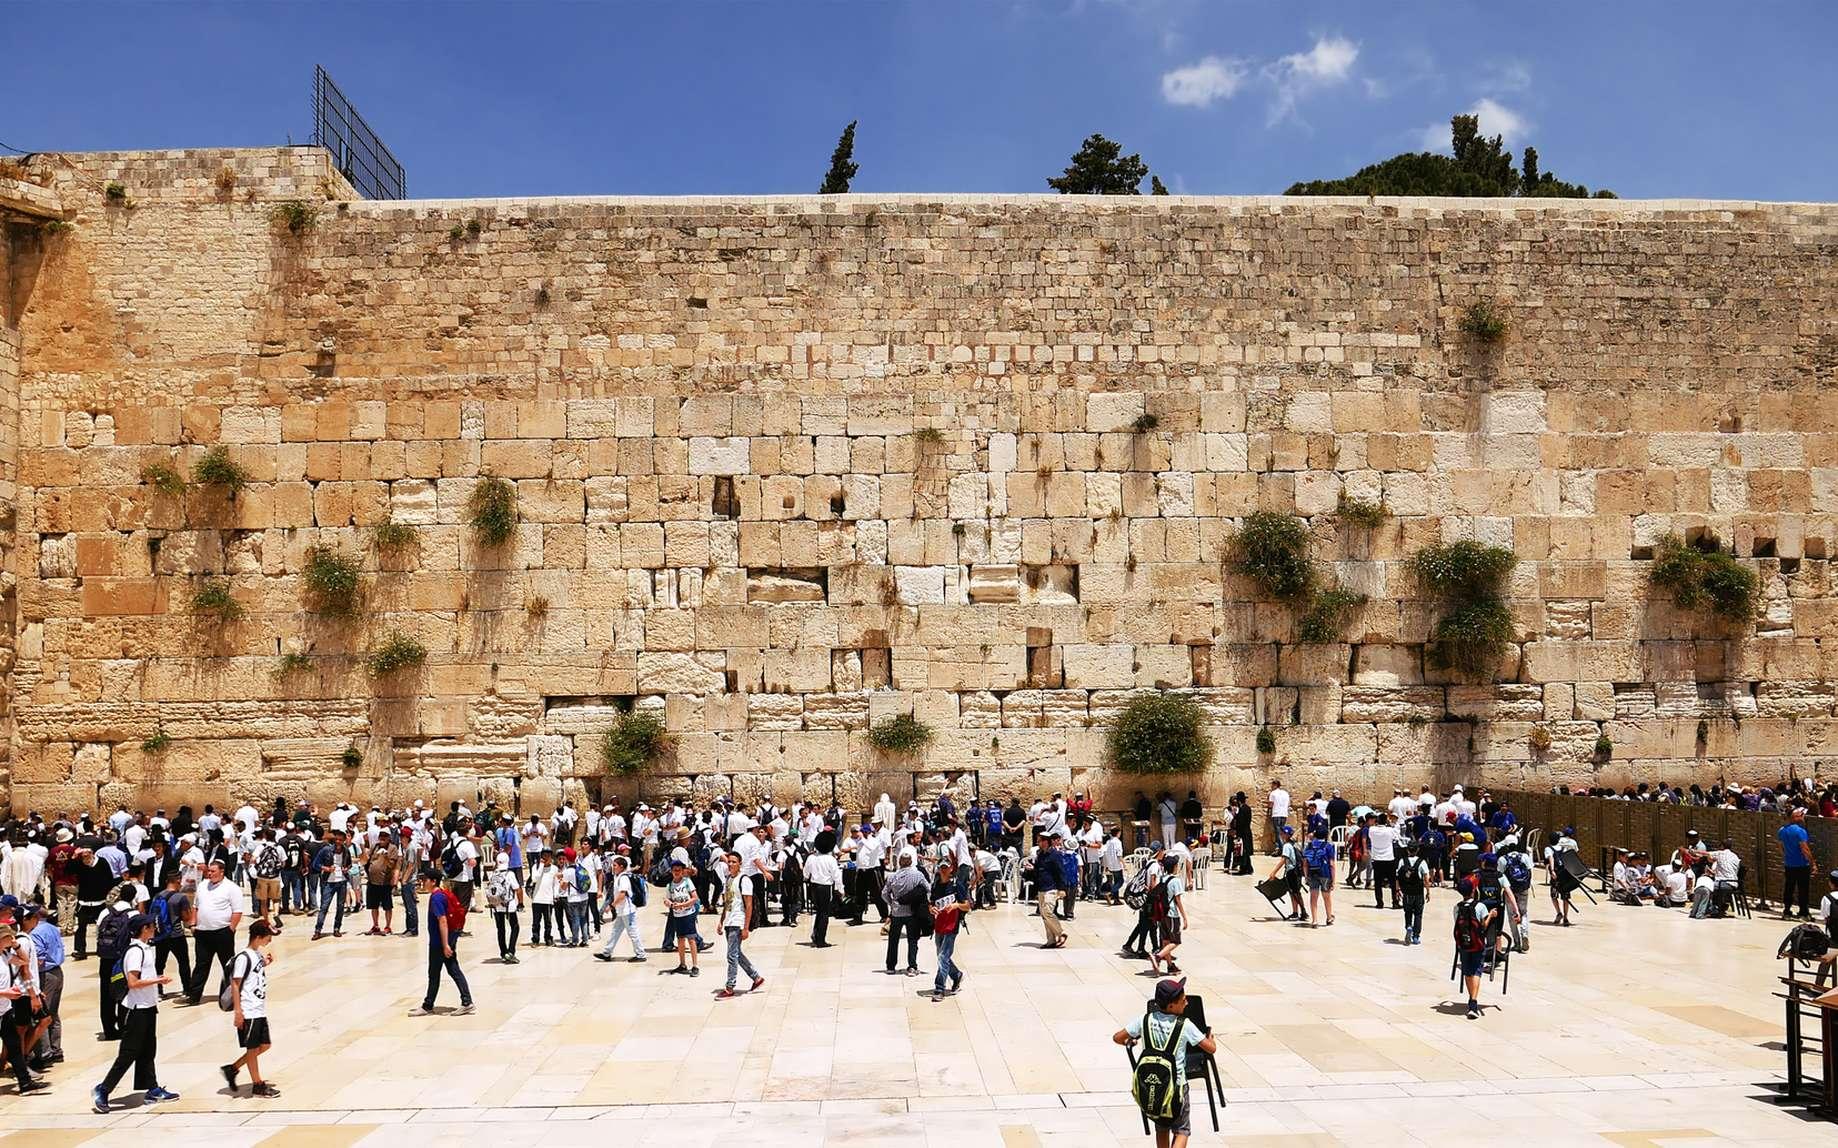 Histoire Le Mur Des Lamentations Serait Le Reste D Un Vestige